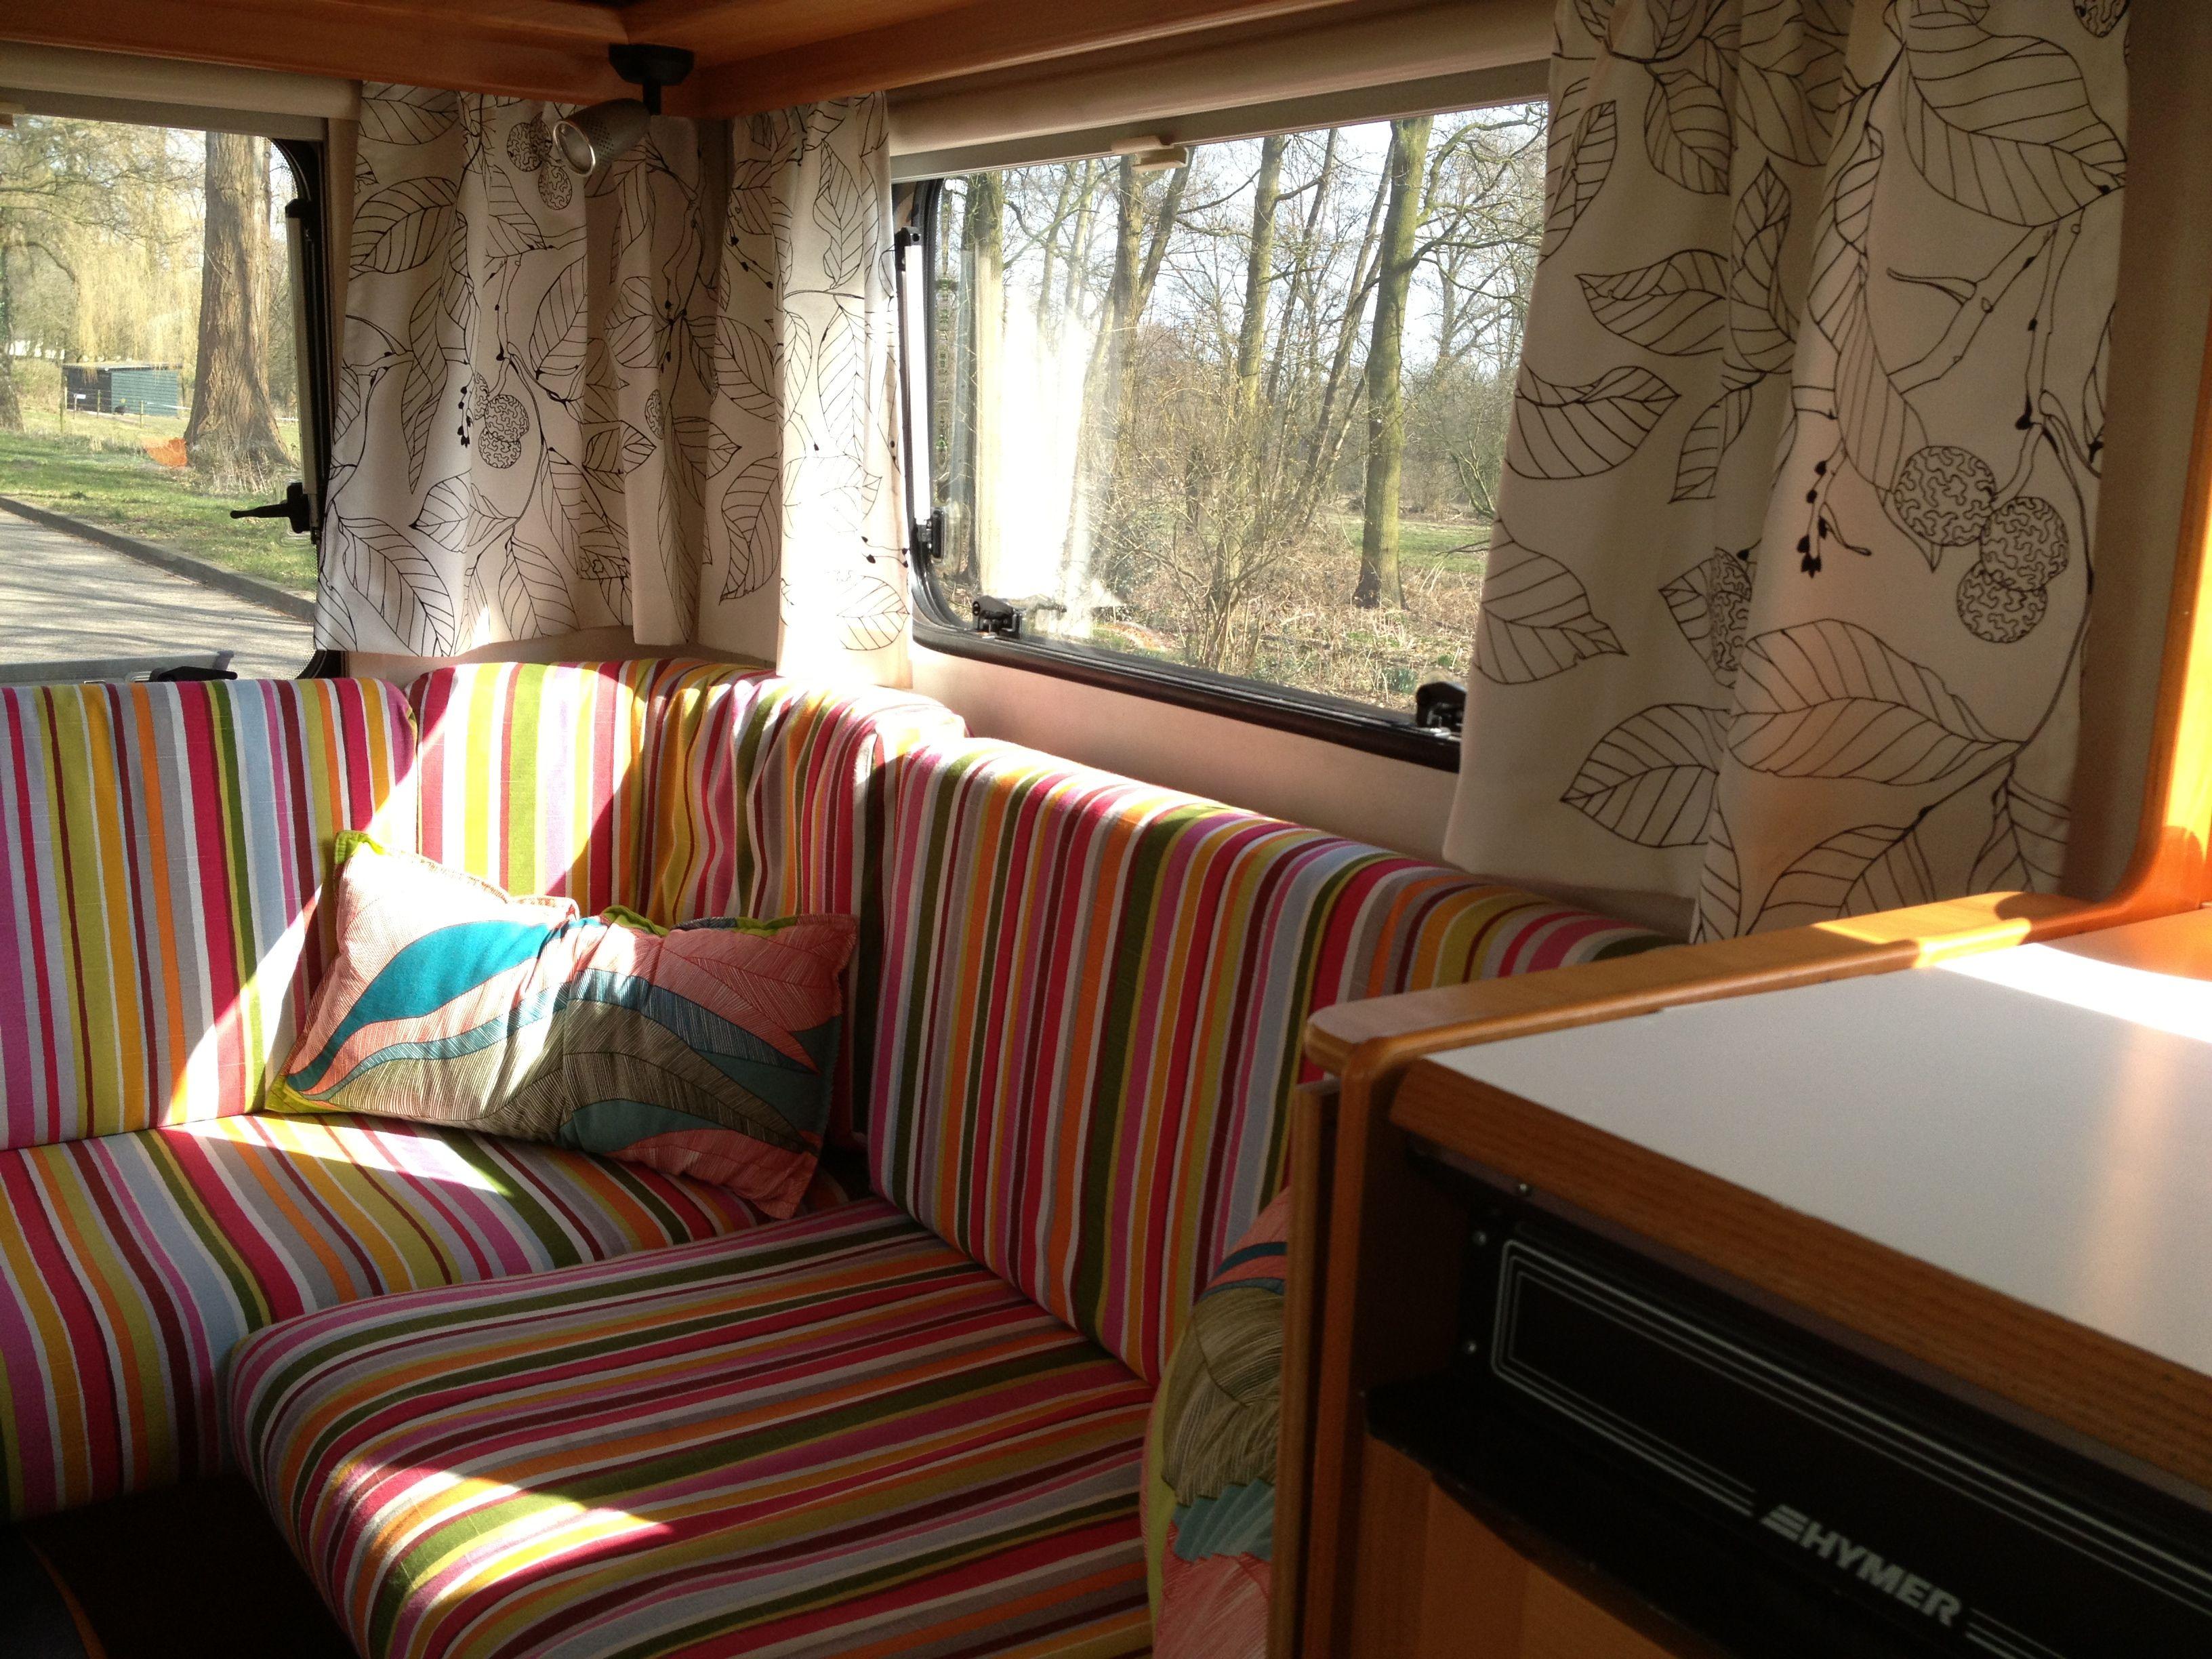 Kussens Caravan Bekleden : How to bank bekleden voor dummies u caravanity happy campers